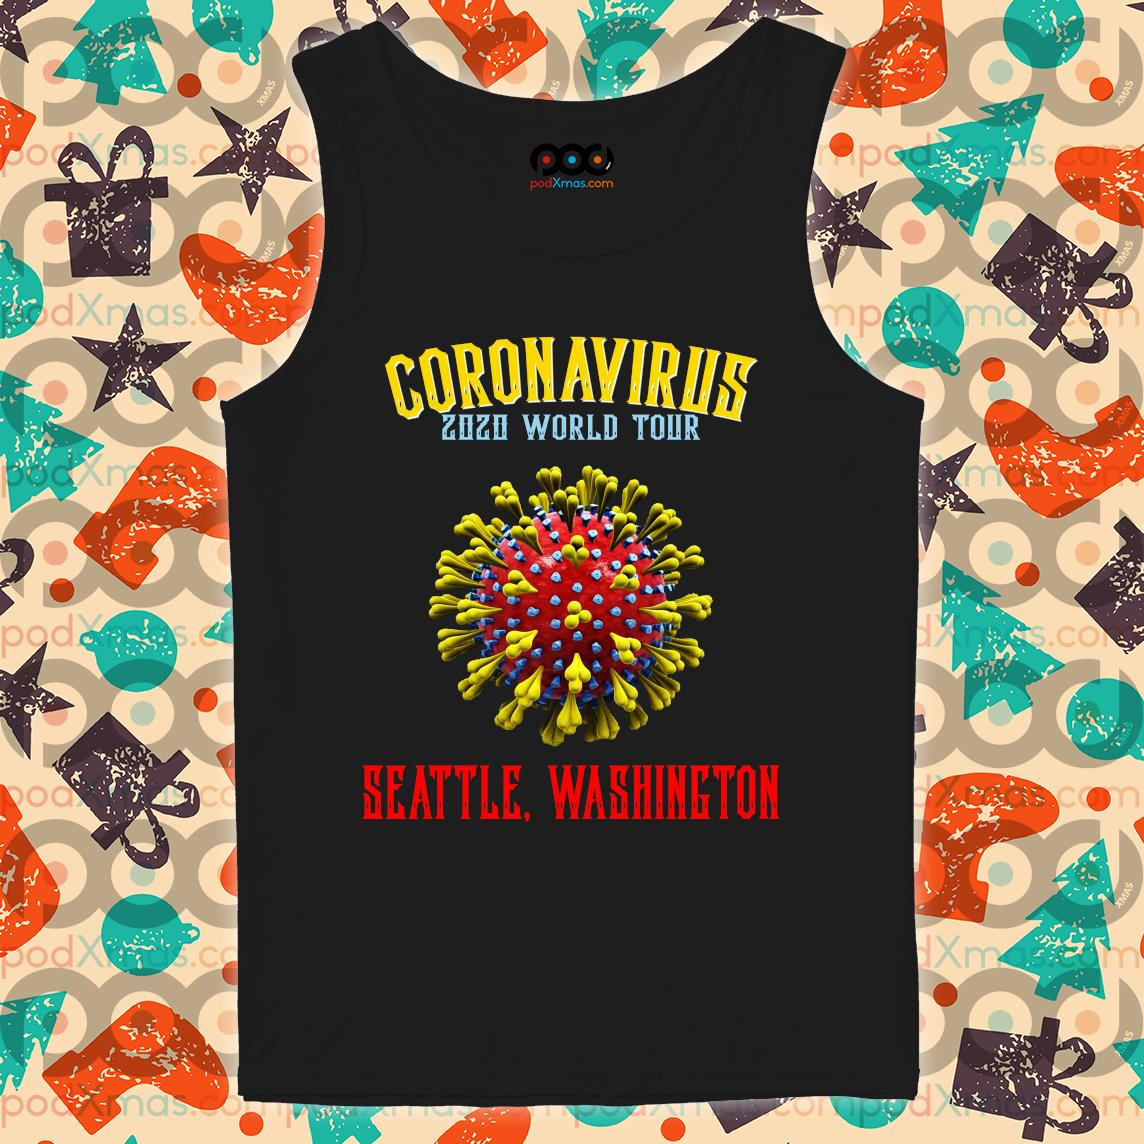 Coronavirus 2020 world tour seattle Washington s Tank top PODxmas den